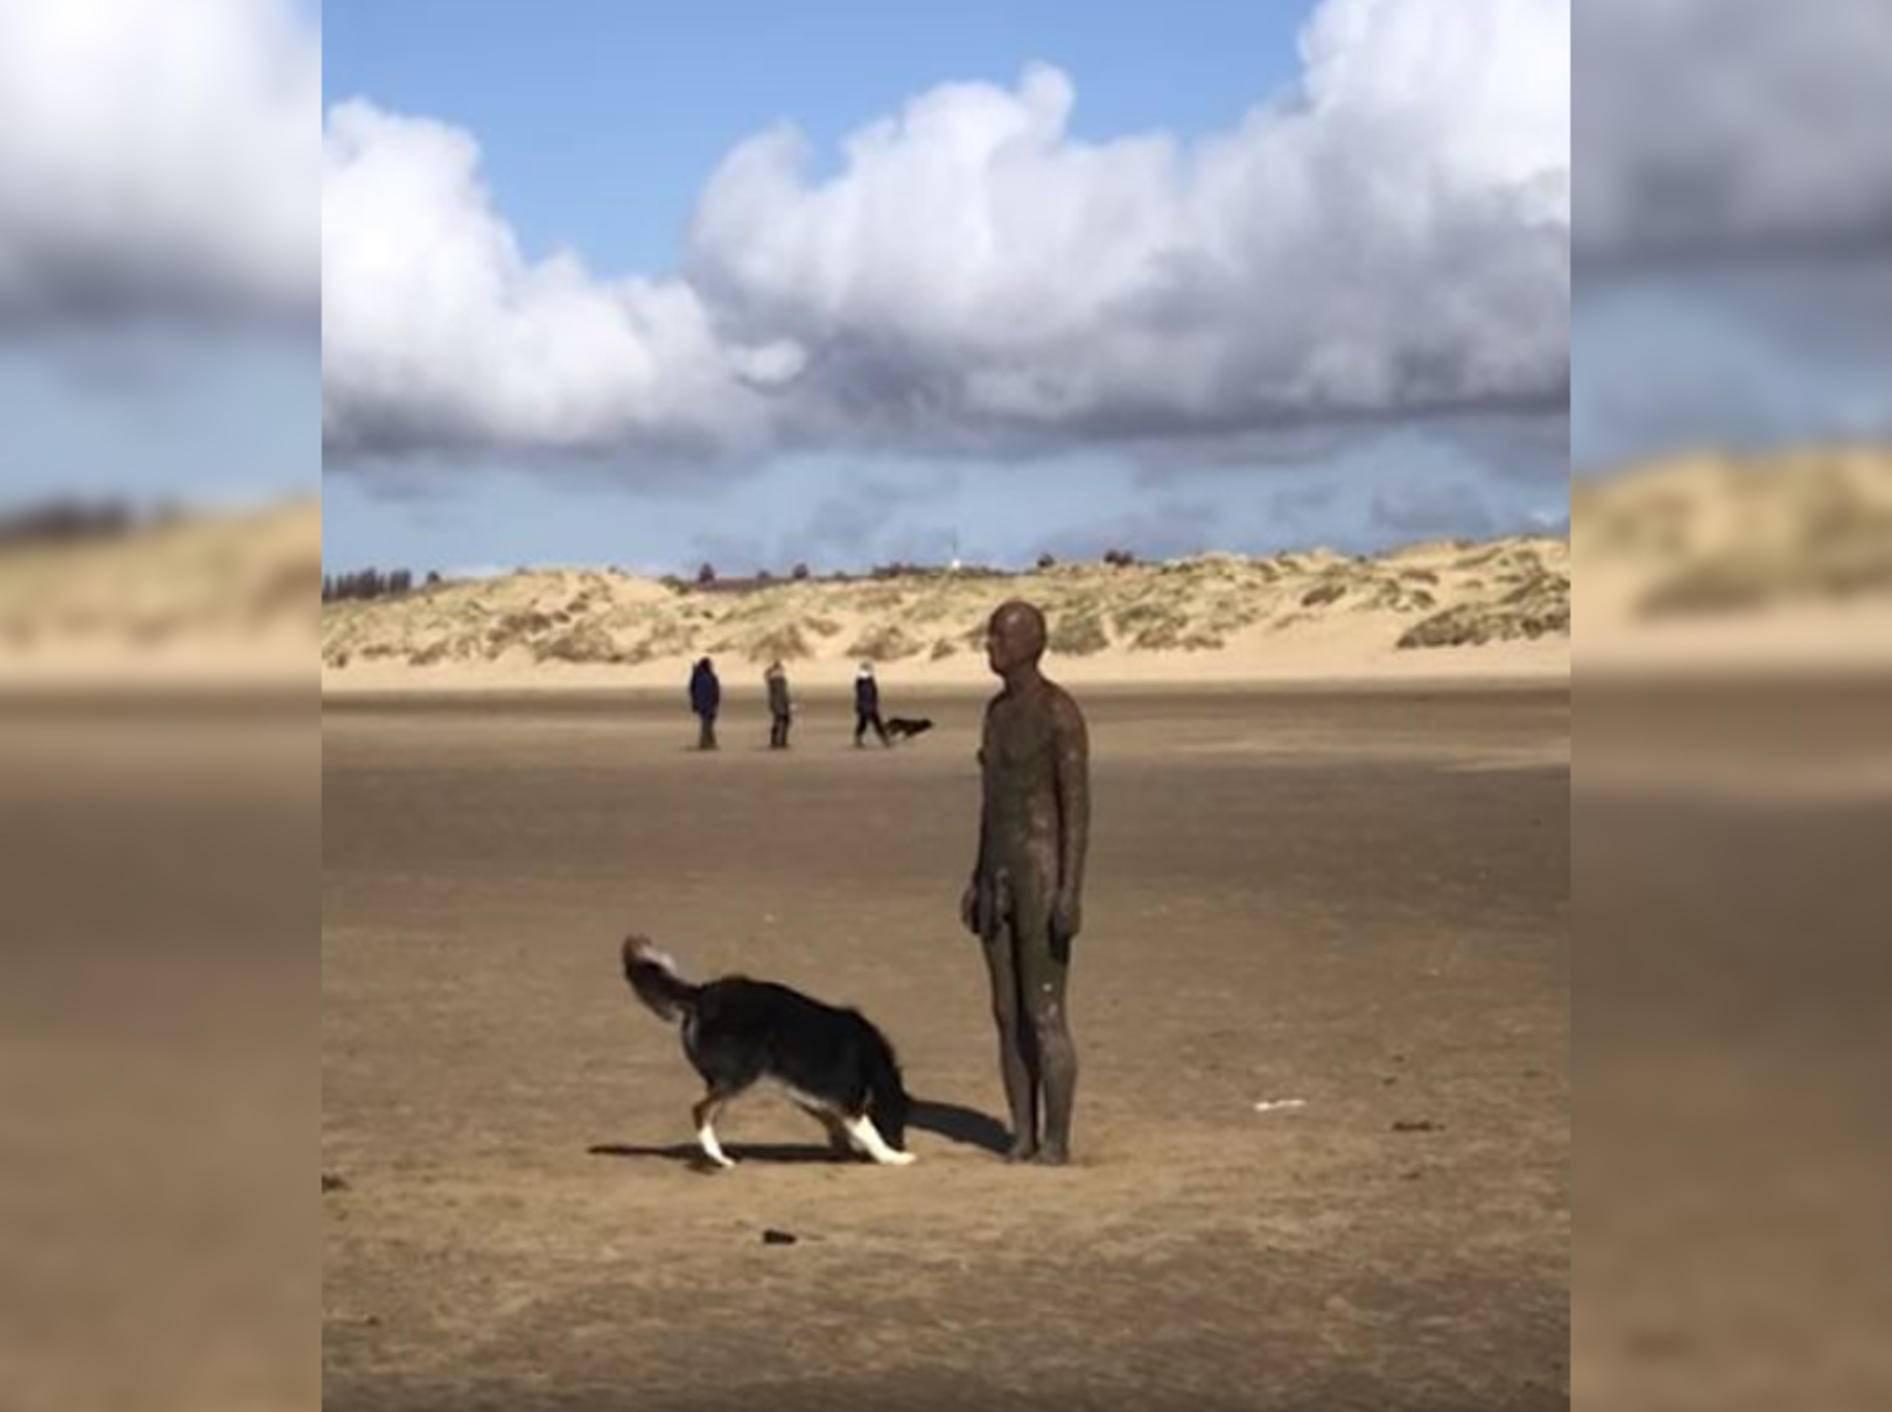 Hund Hurley will mit einer Statue spielen - Bild: YouTube/Caters Clips